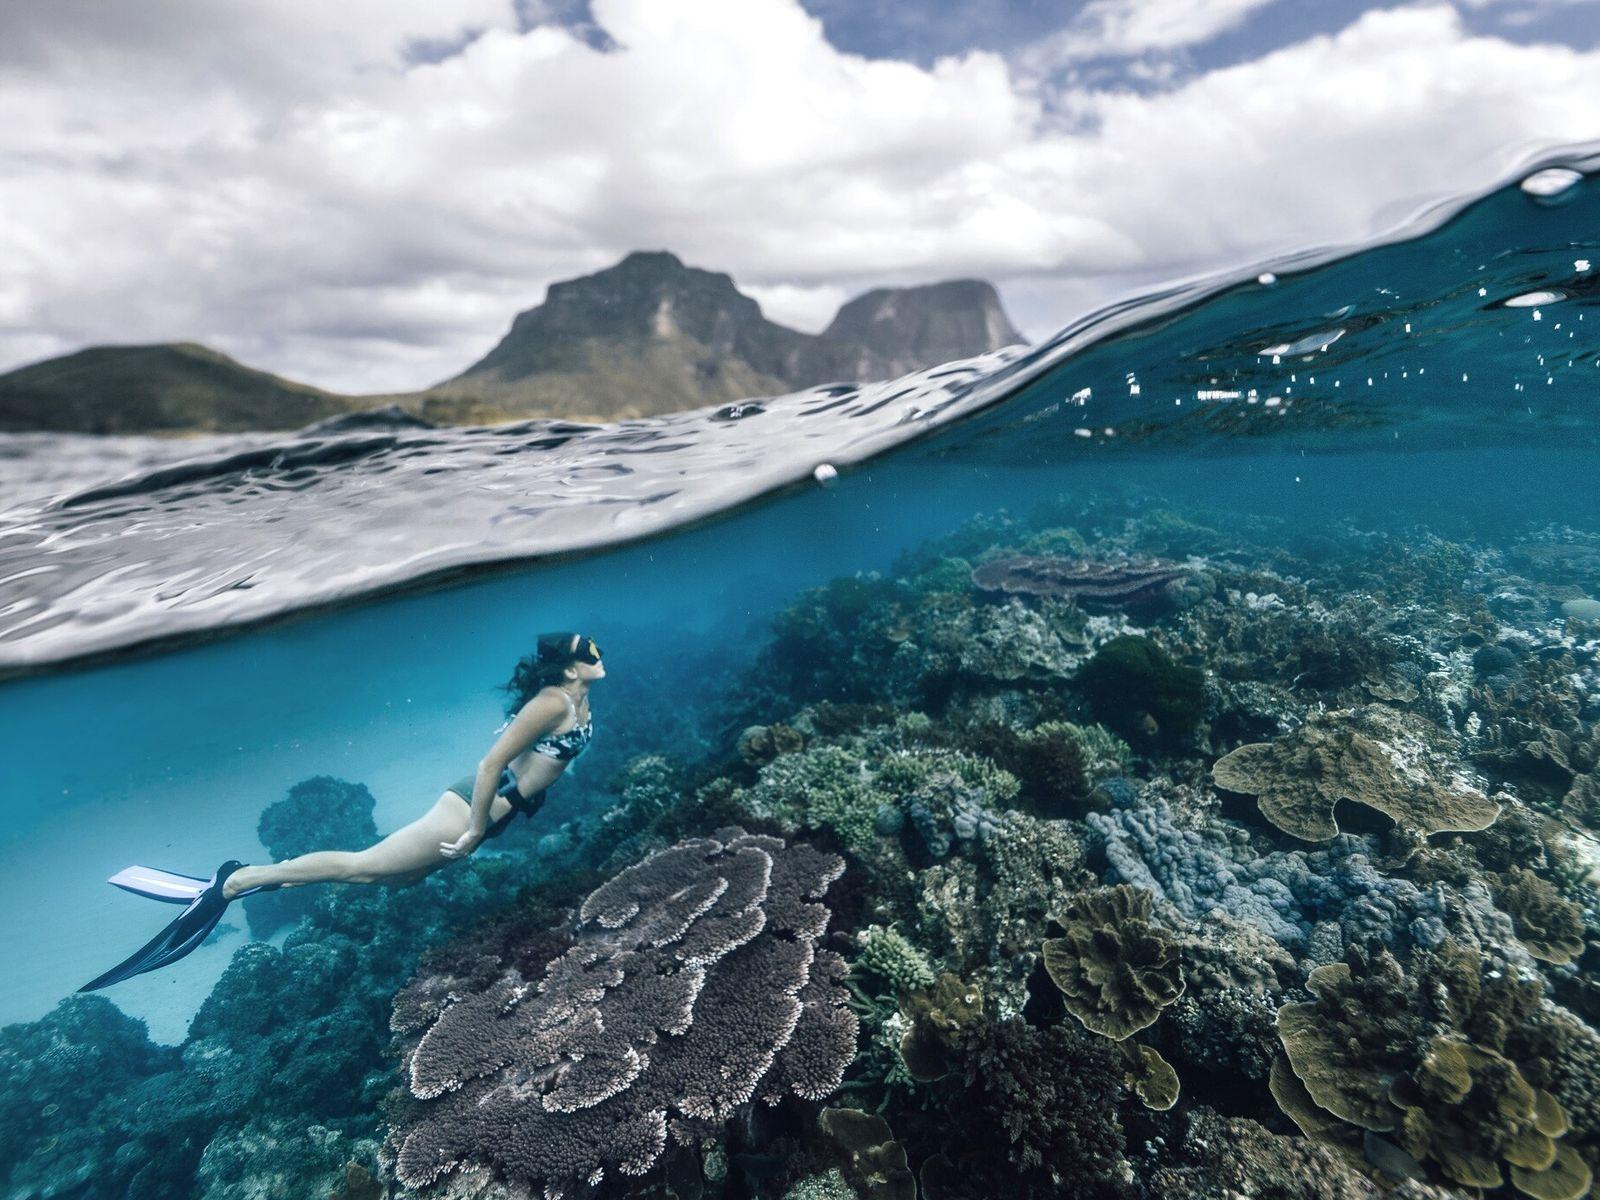 Ein Taucher erkundet die Korallenriffe rund um Lord Howe Island. Die vulkanische Insel, die sich in ...